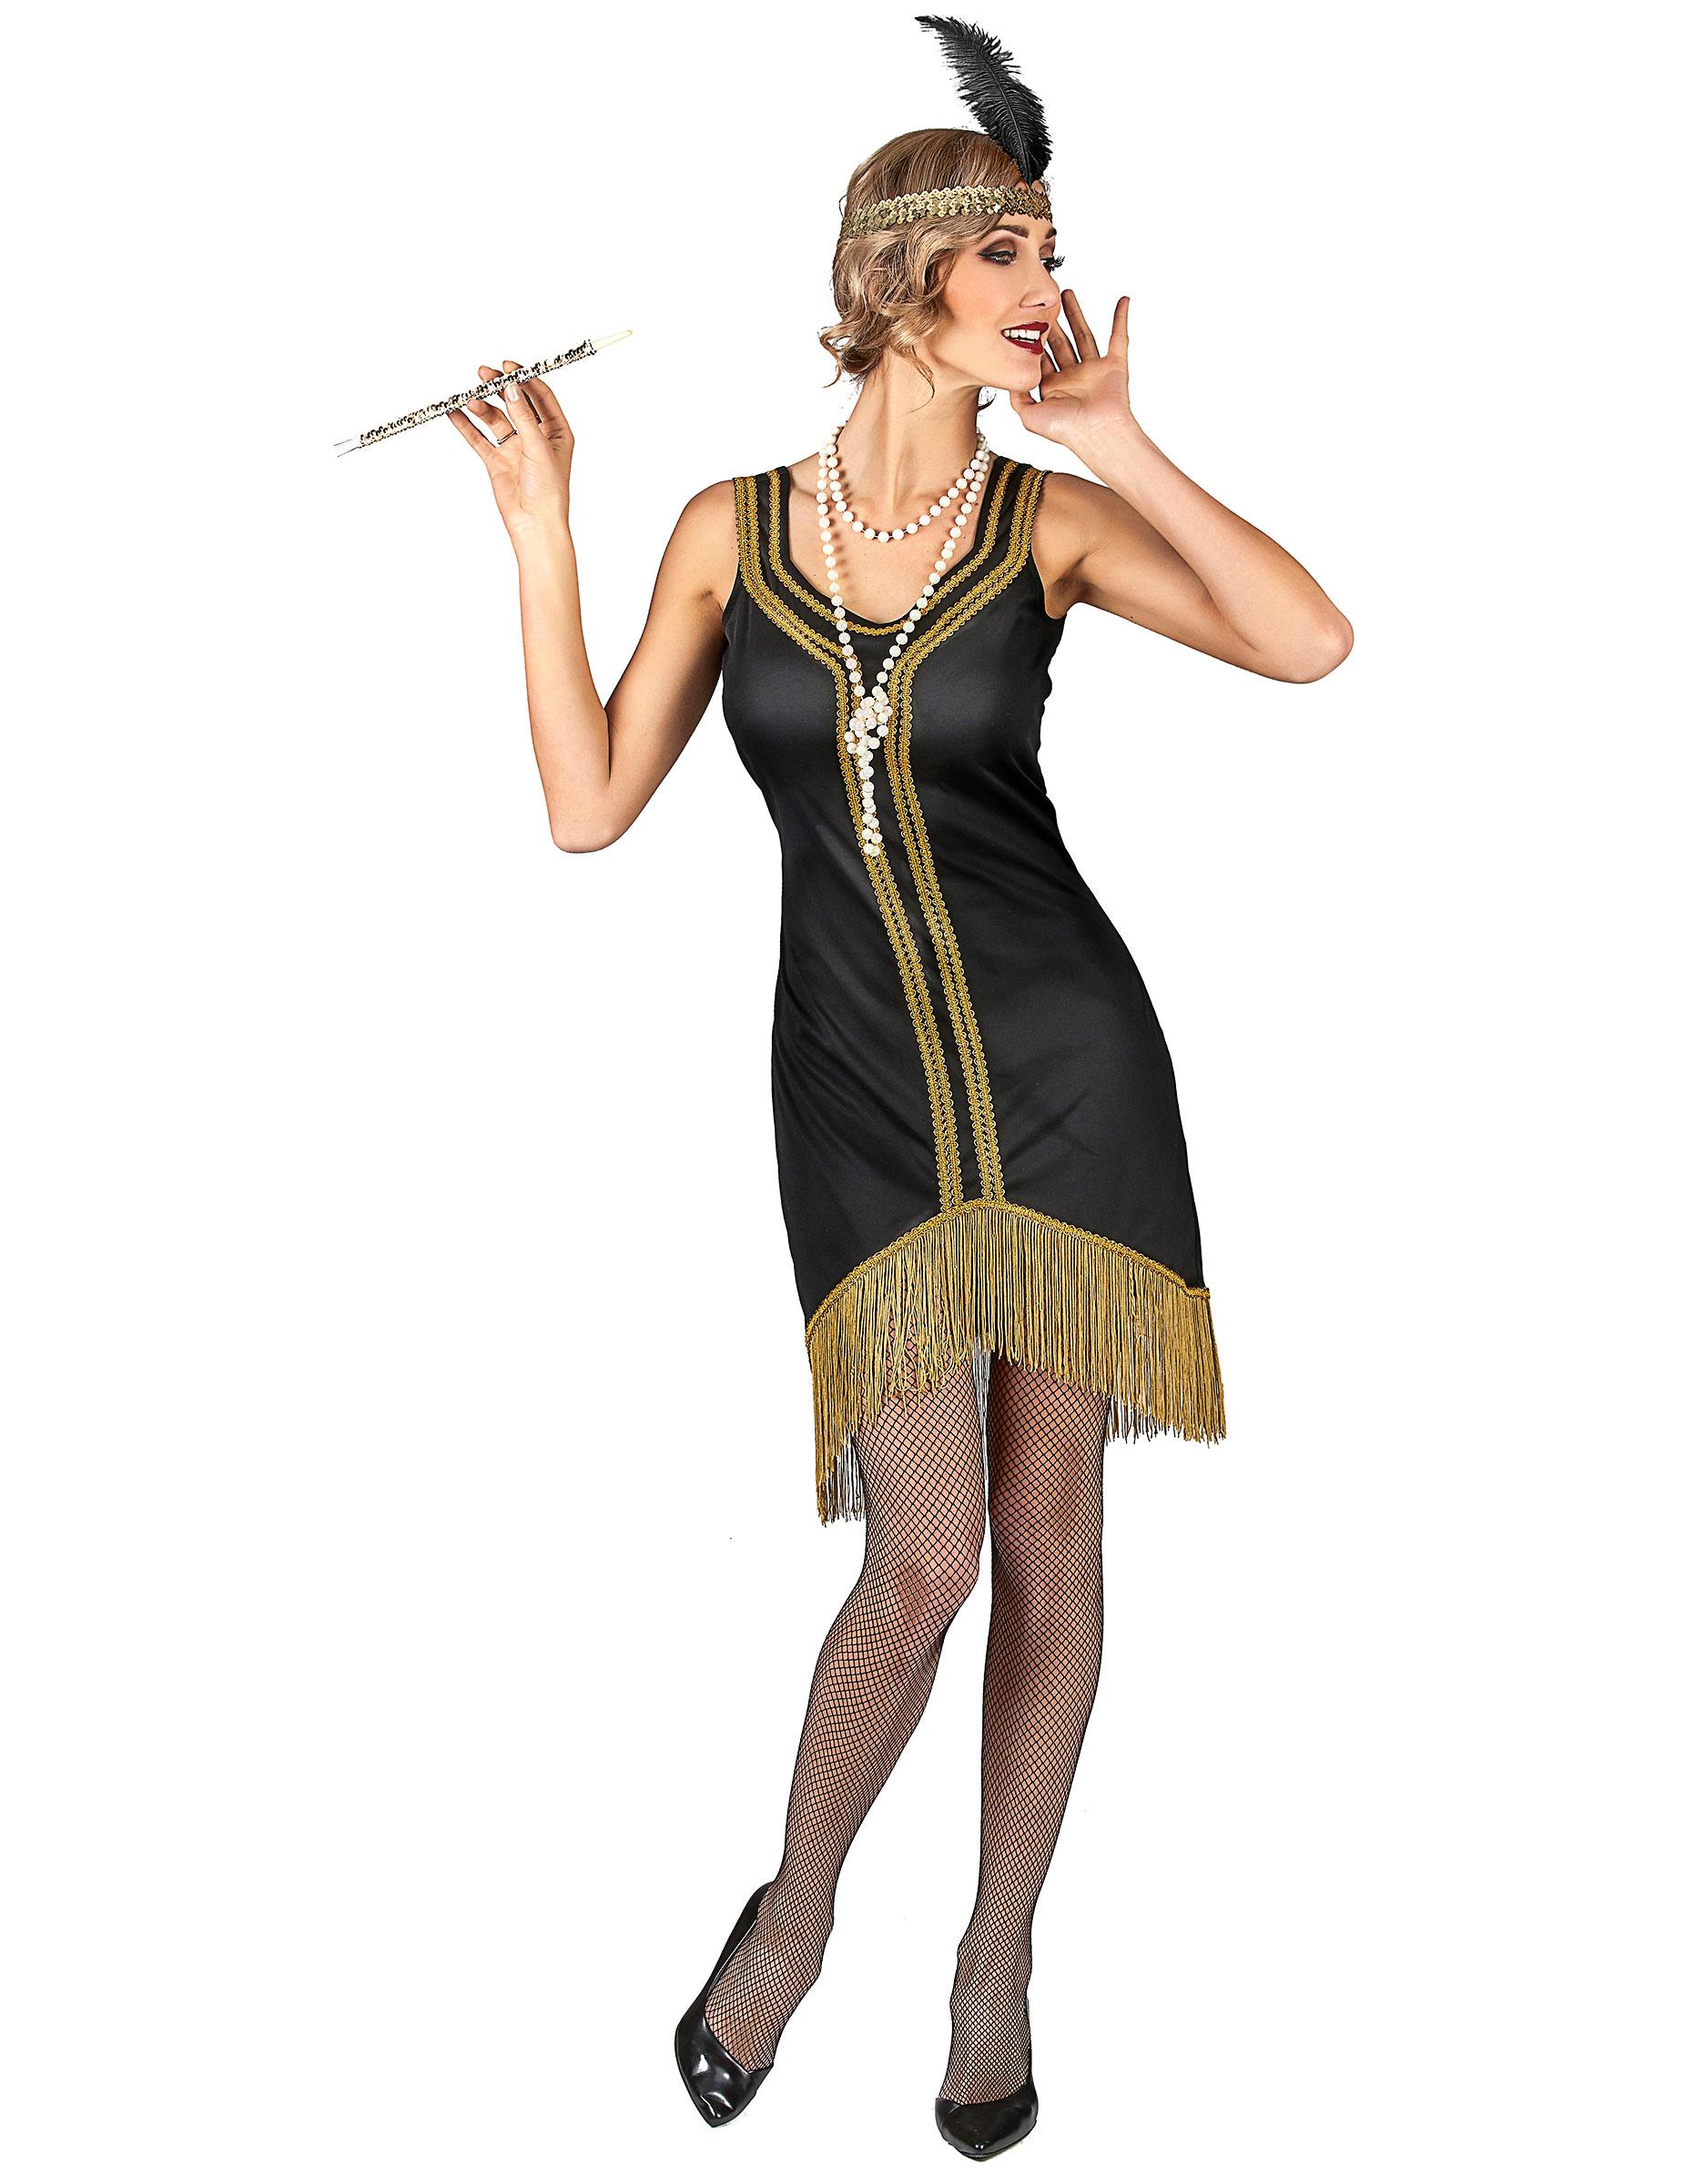 Los freddys la del vestido negro